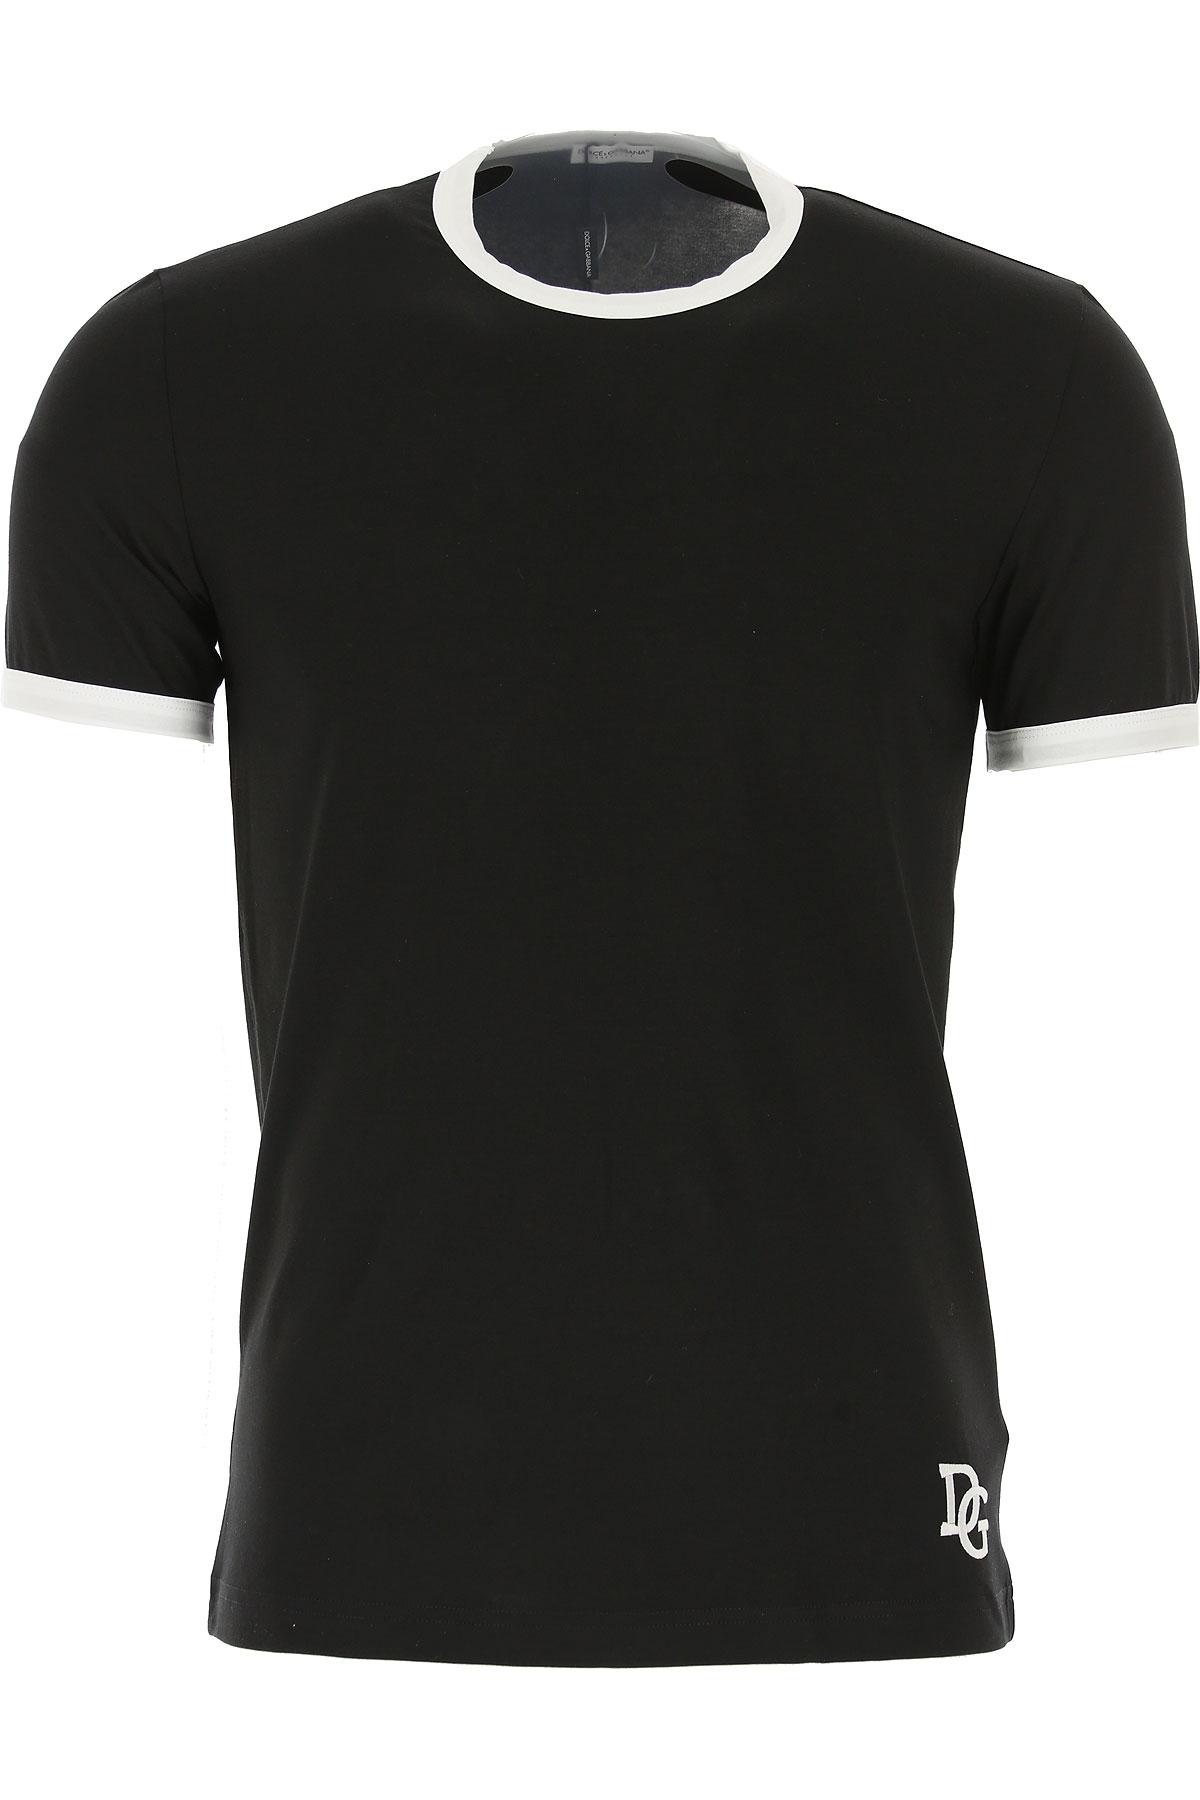 Image of Dolce & Gabbana T-Shirt for Men, Black, Cotton, 2017, S (EU 3) M (EU 4) L (EU 5) XL (EU 6) XXL (EU 7)